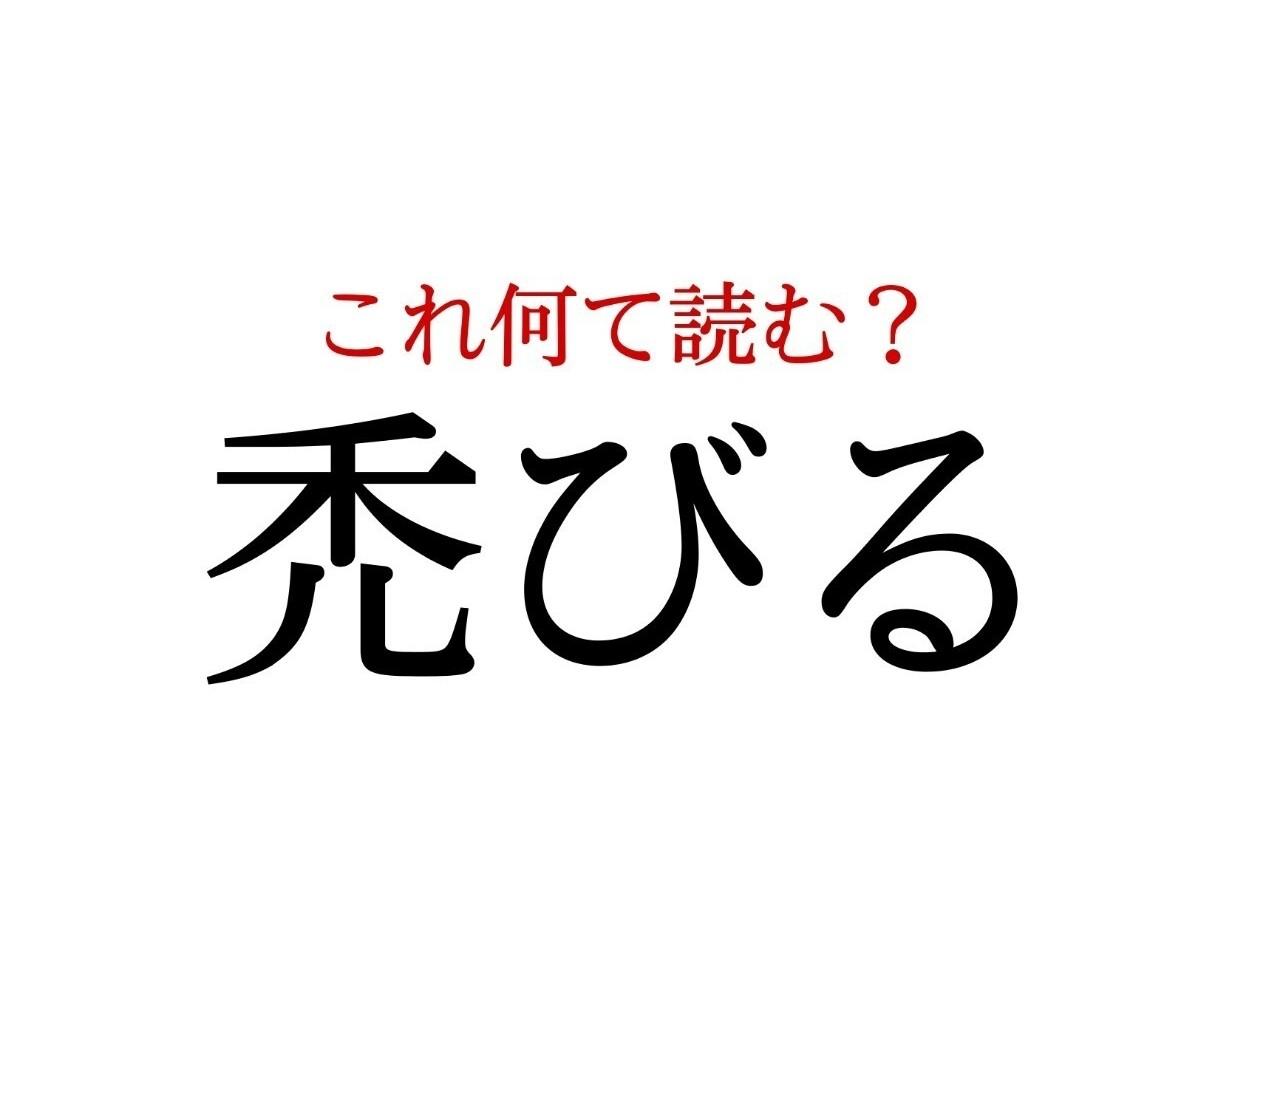 「禿びる」:この漢字、自信を持って読めますか?【働く大人の漢字クイズvol.290】